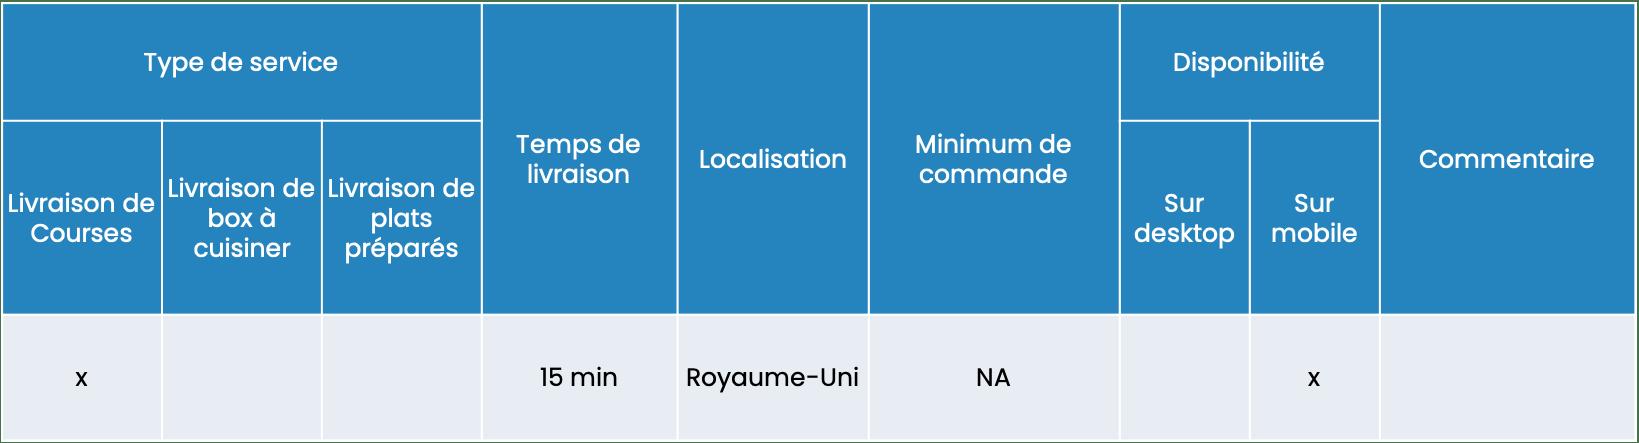 Benchmark des services efood 2021